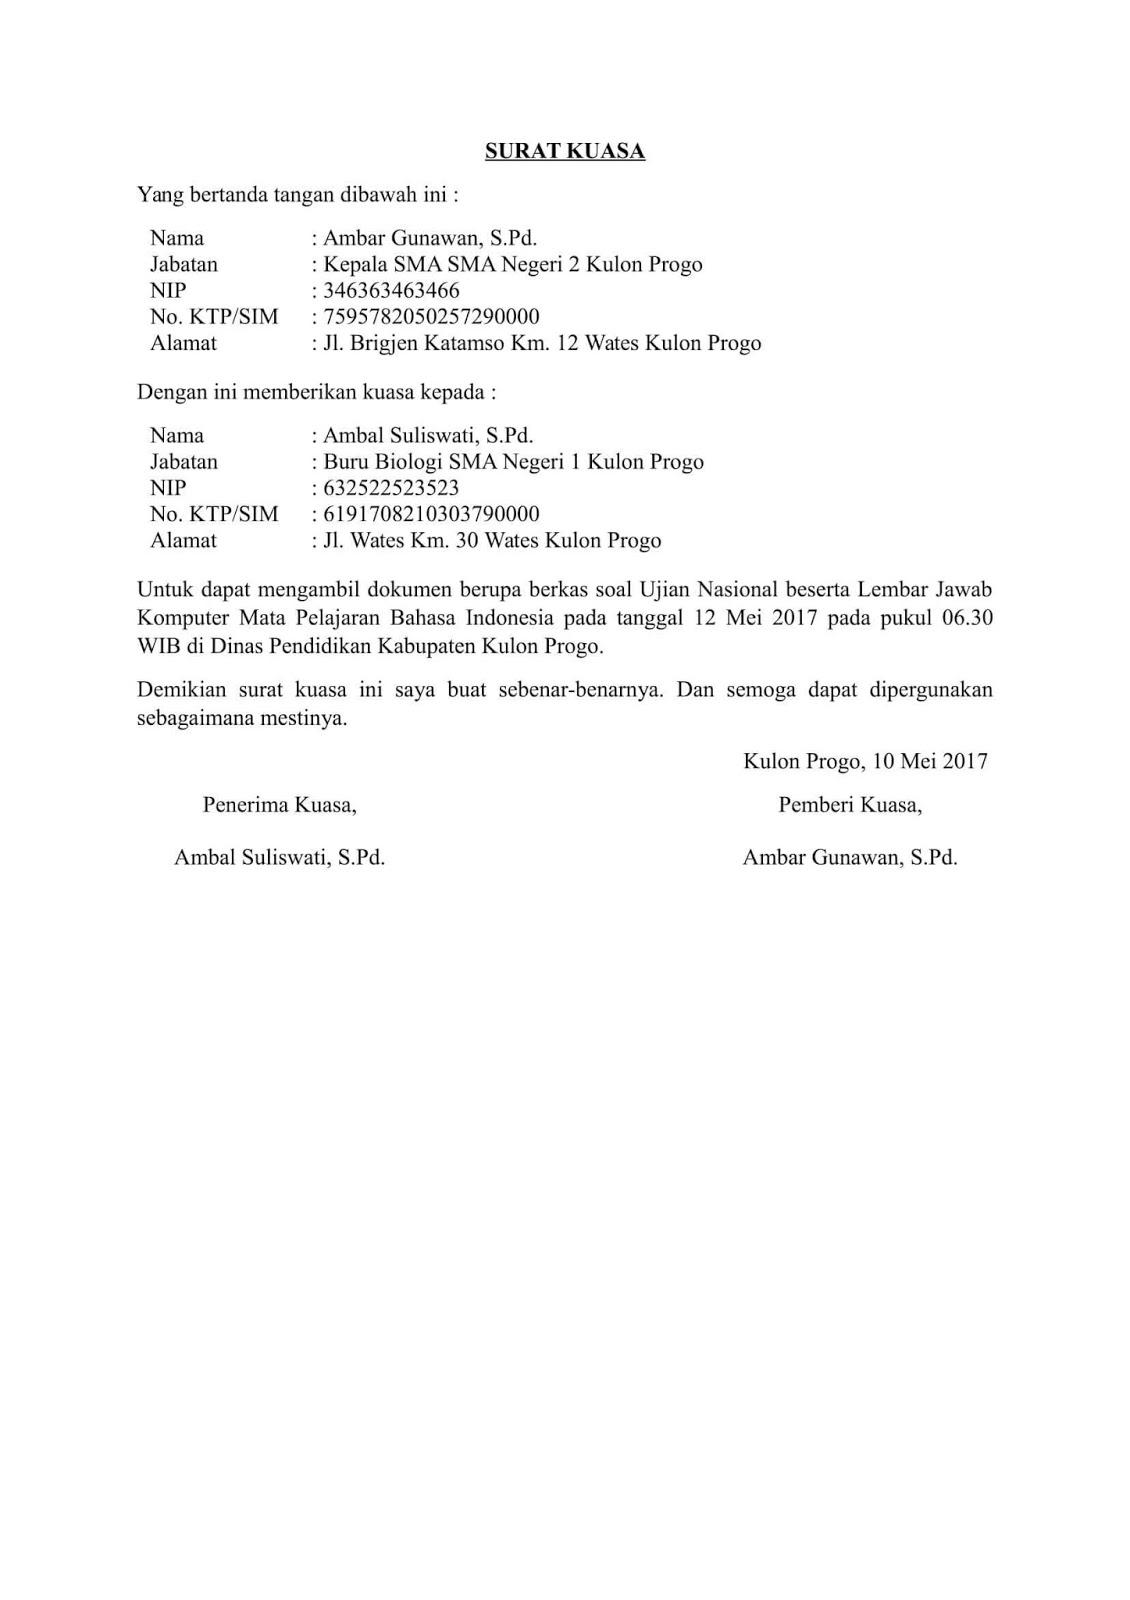 Contoh Surat Kuasa Pengambilan Dokumen Penting